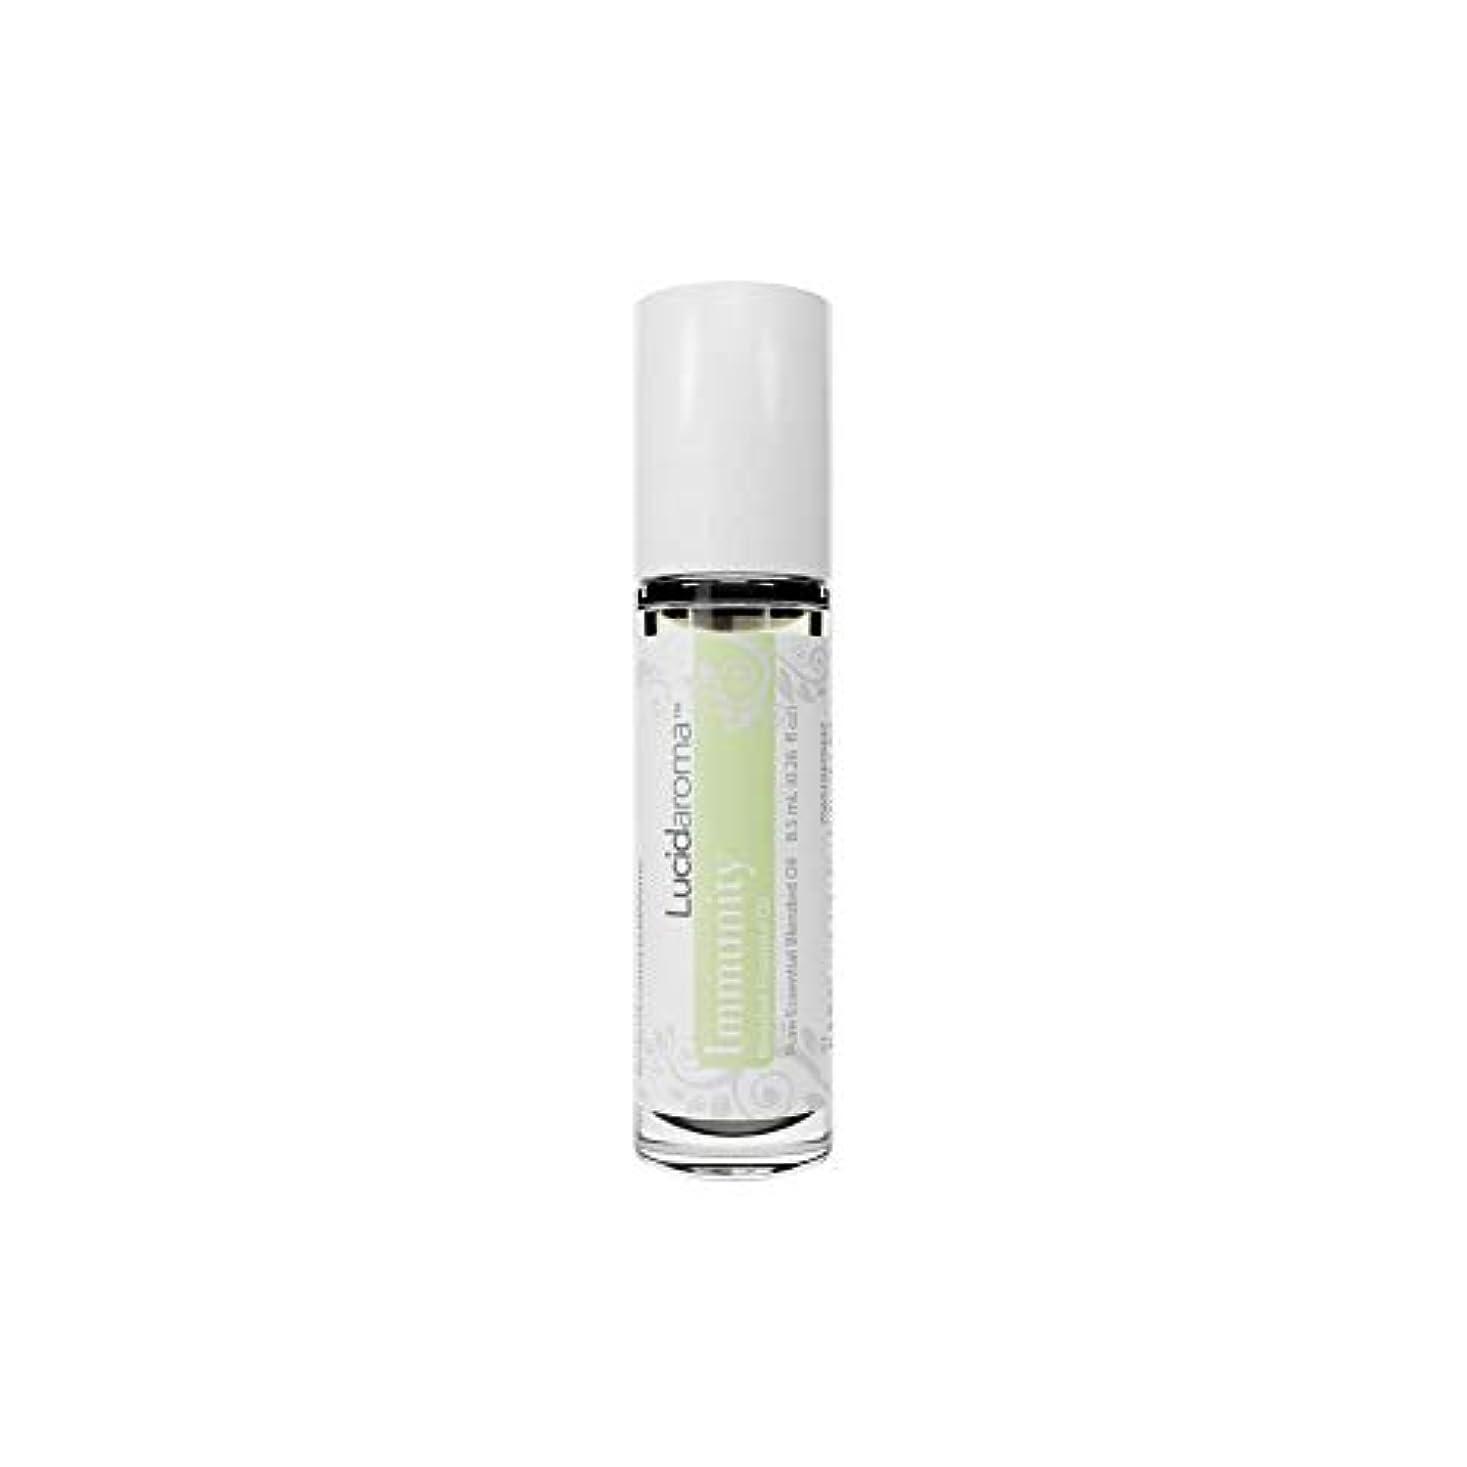 共産主義者コールドスツールLucid Aroma Immunity イミュニティ ブレンド ロールオン アロマオイル 8.5mL (塗るアロマ) 100%天然 携帯便利 ピュア エッセンシャル アメリカ製